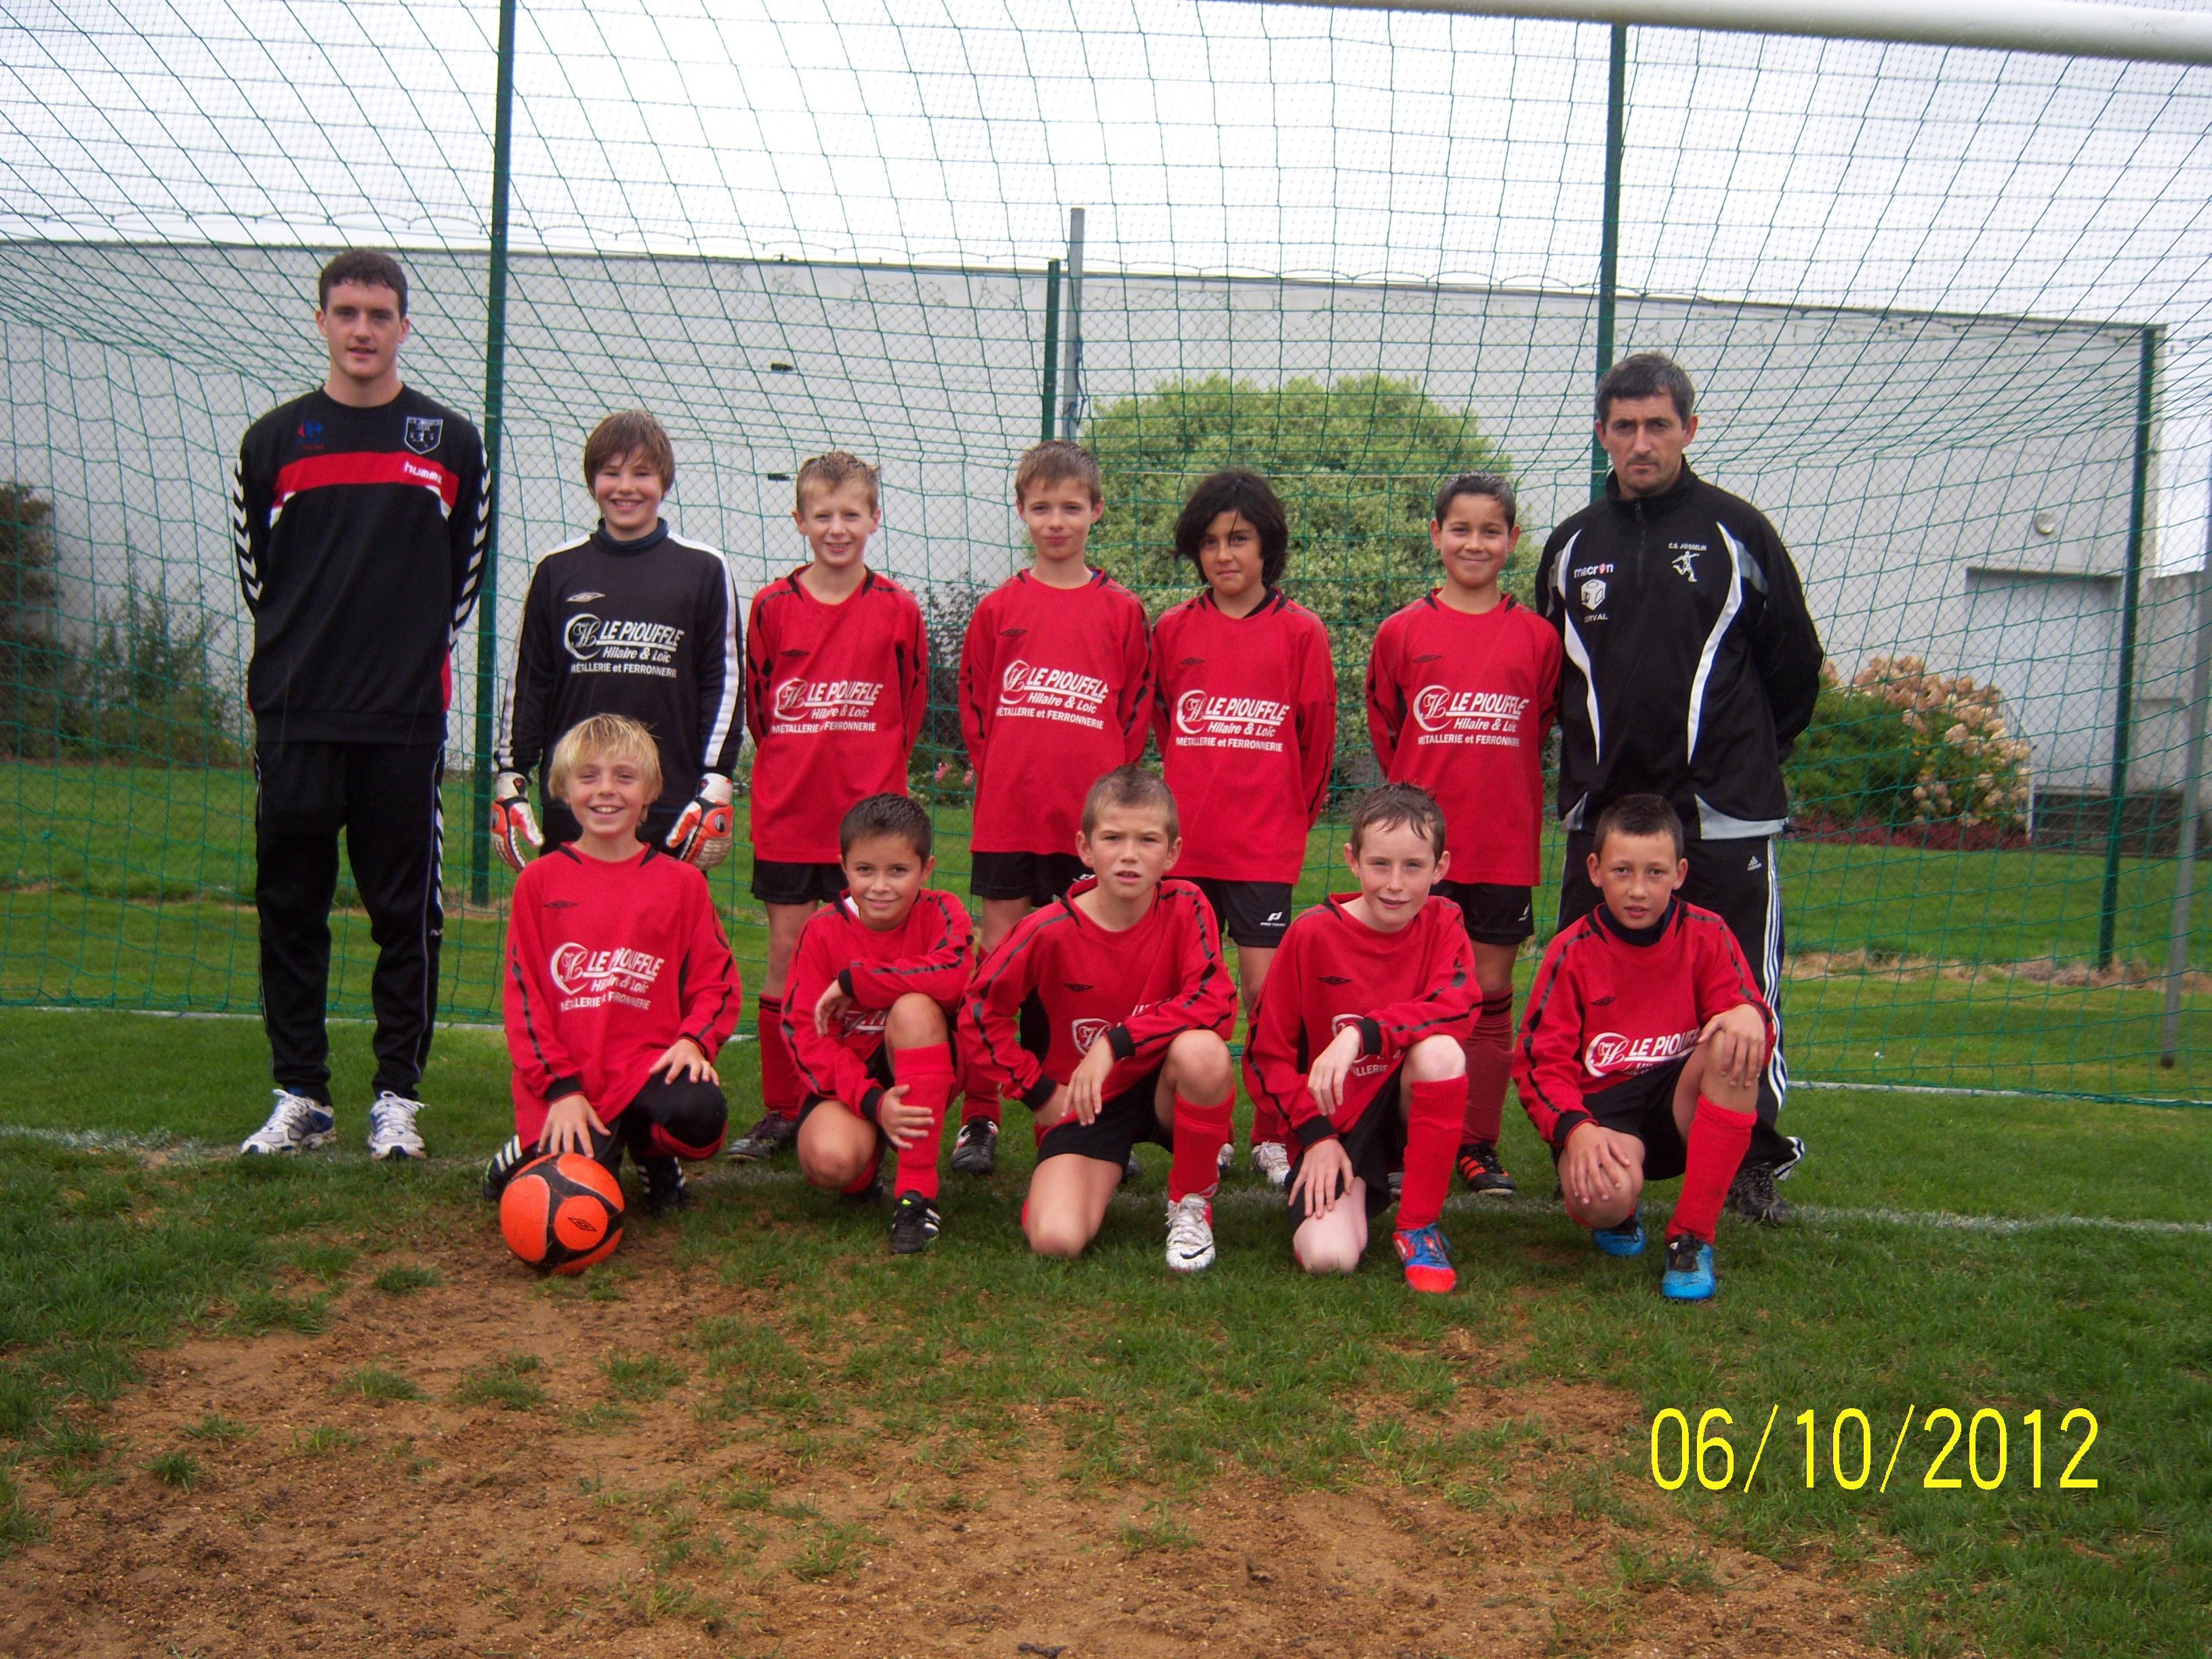 Équipe U11 A Rouge de l'école de football du C.S. JOSSELINAIS - saison de football 2012/2013